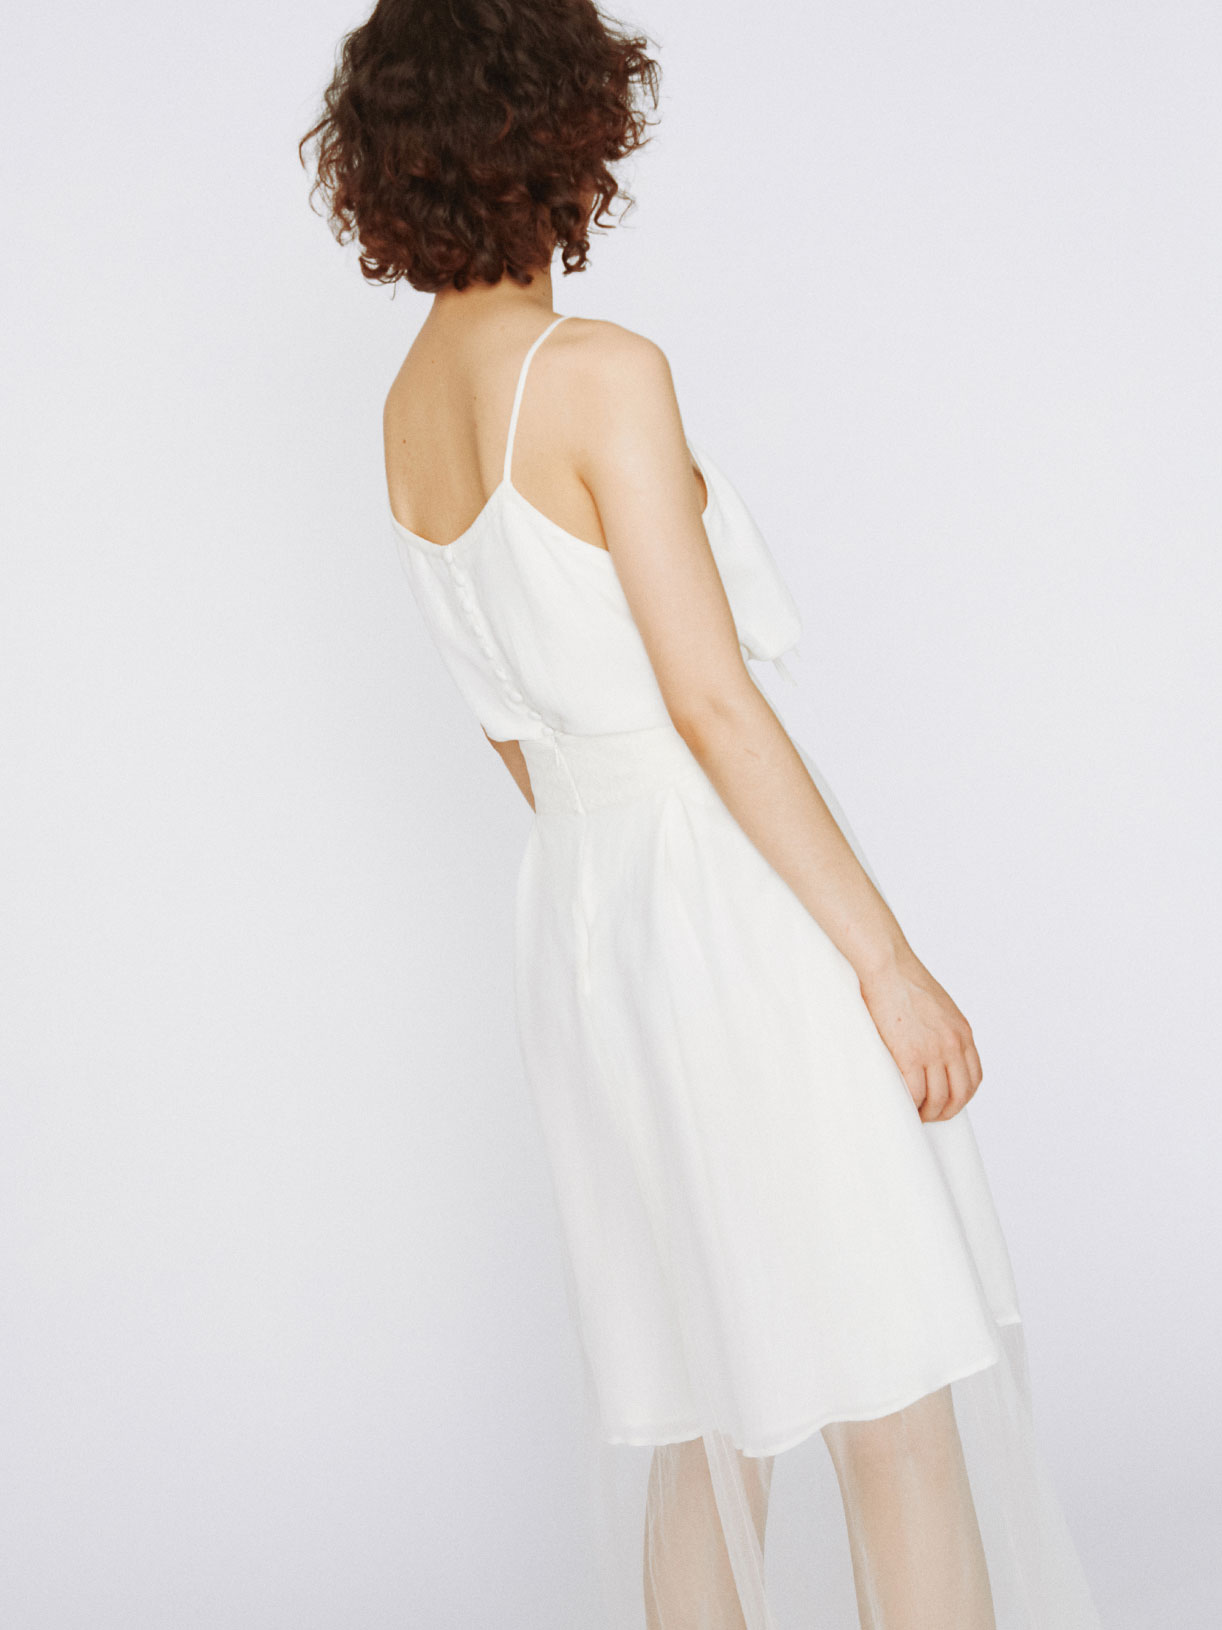 Robe de mariée transparente en tulle écoresponsable - Creatrice de robe de mariée éthique et bio a Paris - Myphilosophy